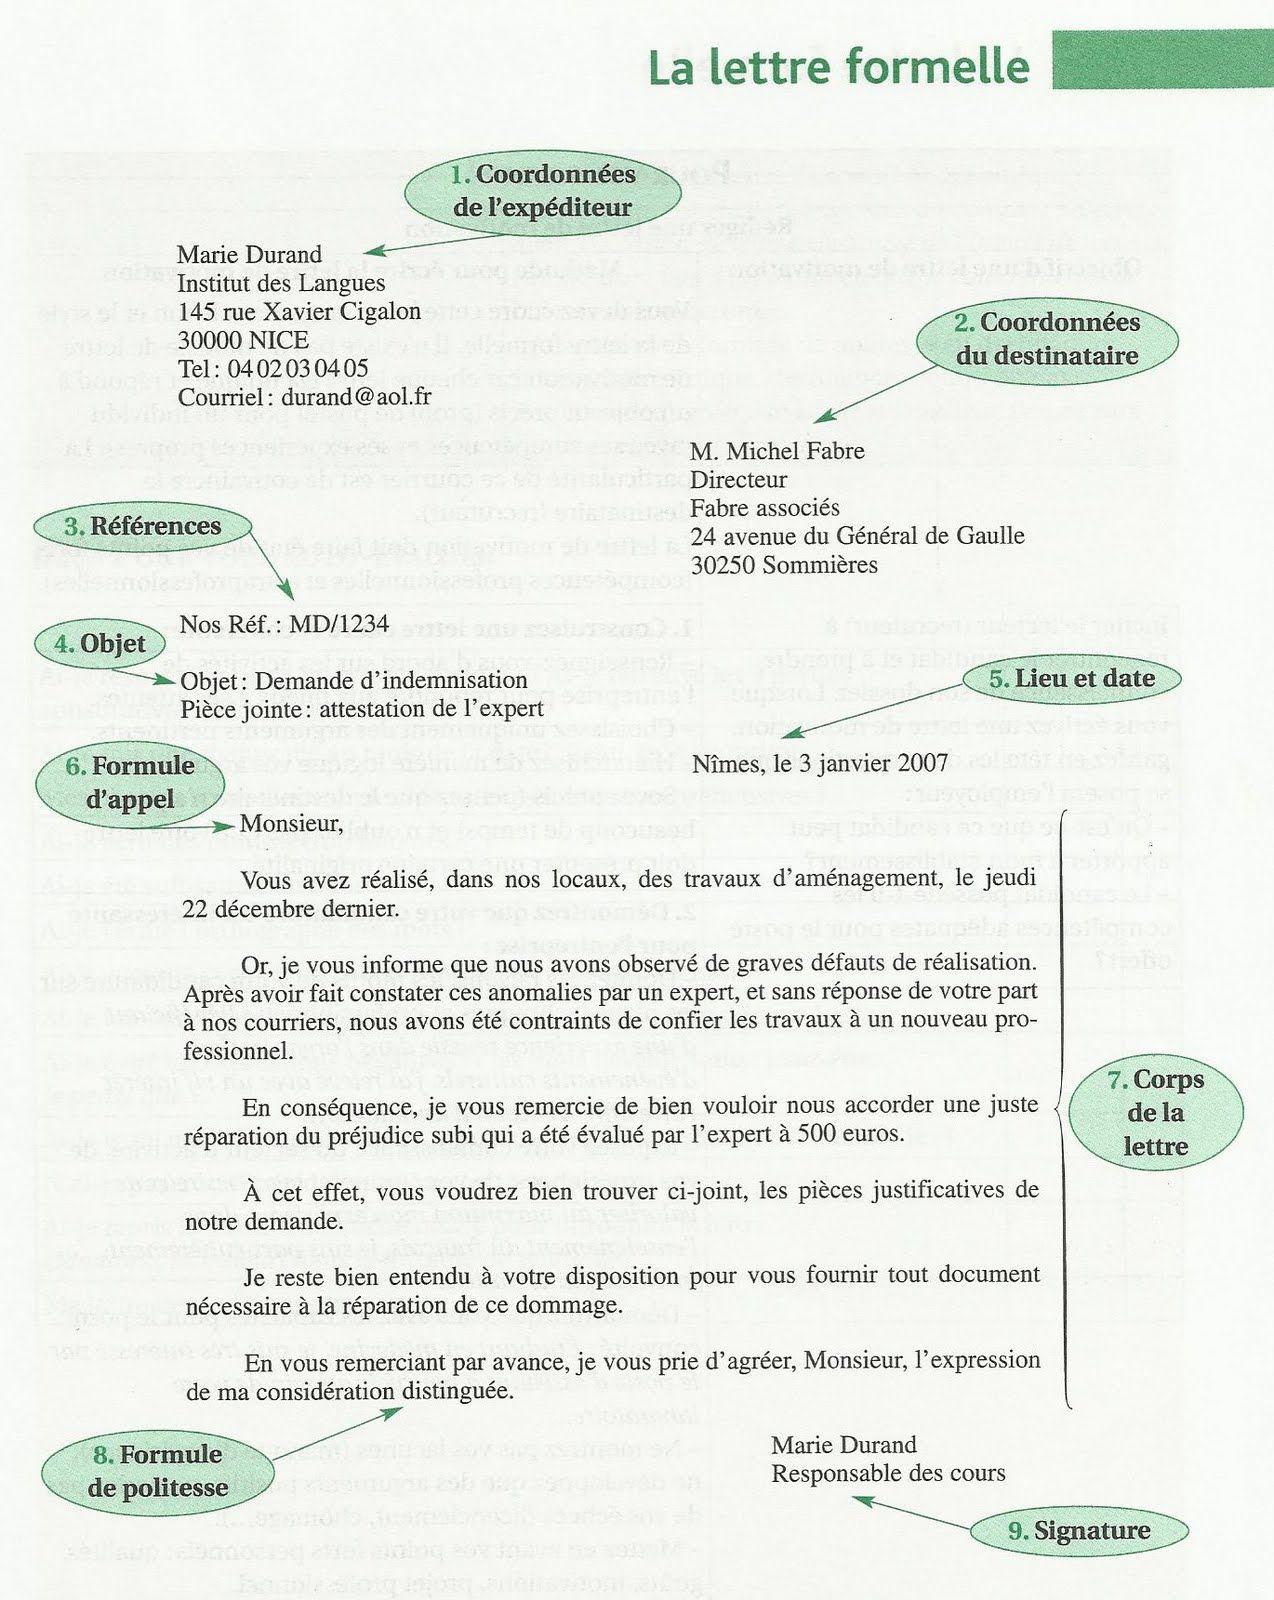 """Résultat de recherche d'images pour """"format lettre formelle français"""""""